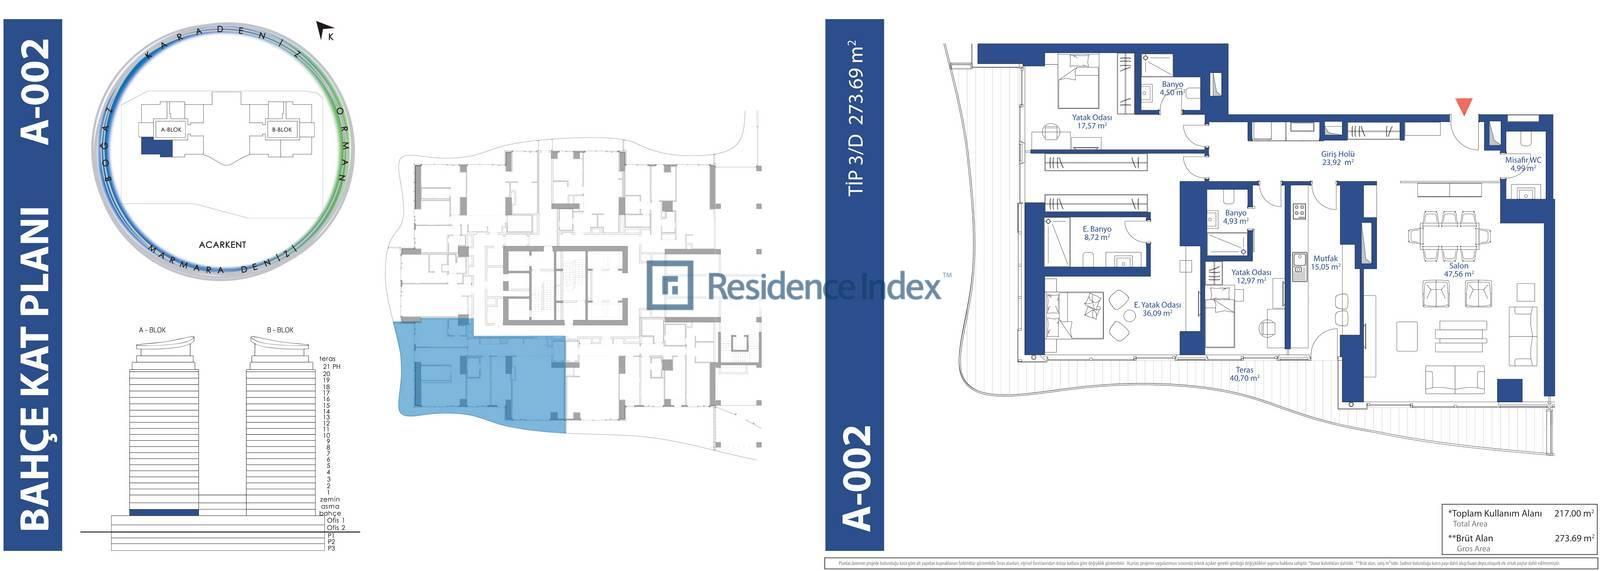 AcarBlu Residence Tip 3D